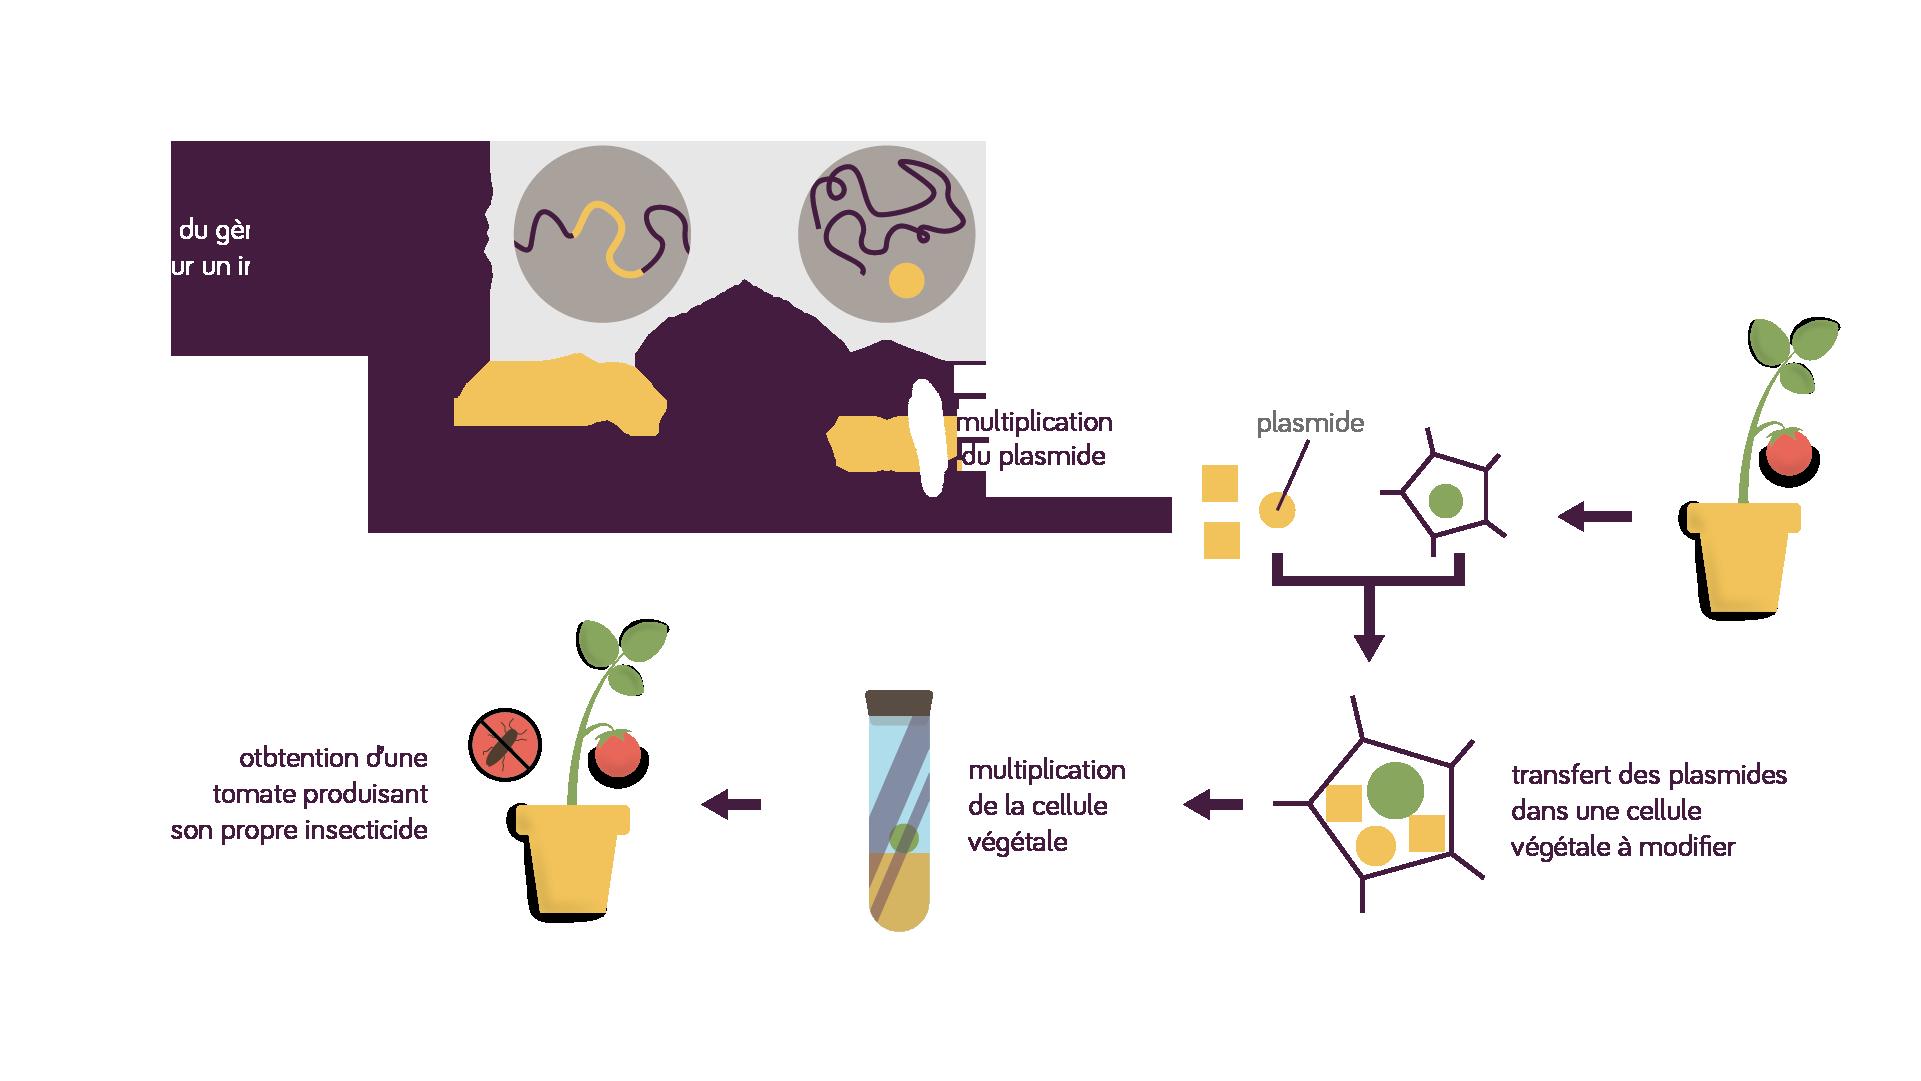 Transgénèse processus, obtention d'une tomate produisant son propre insecticide